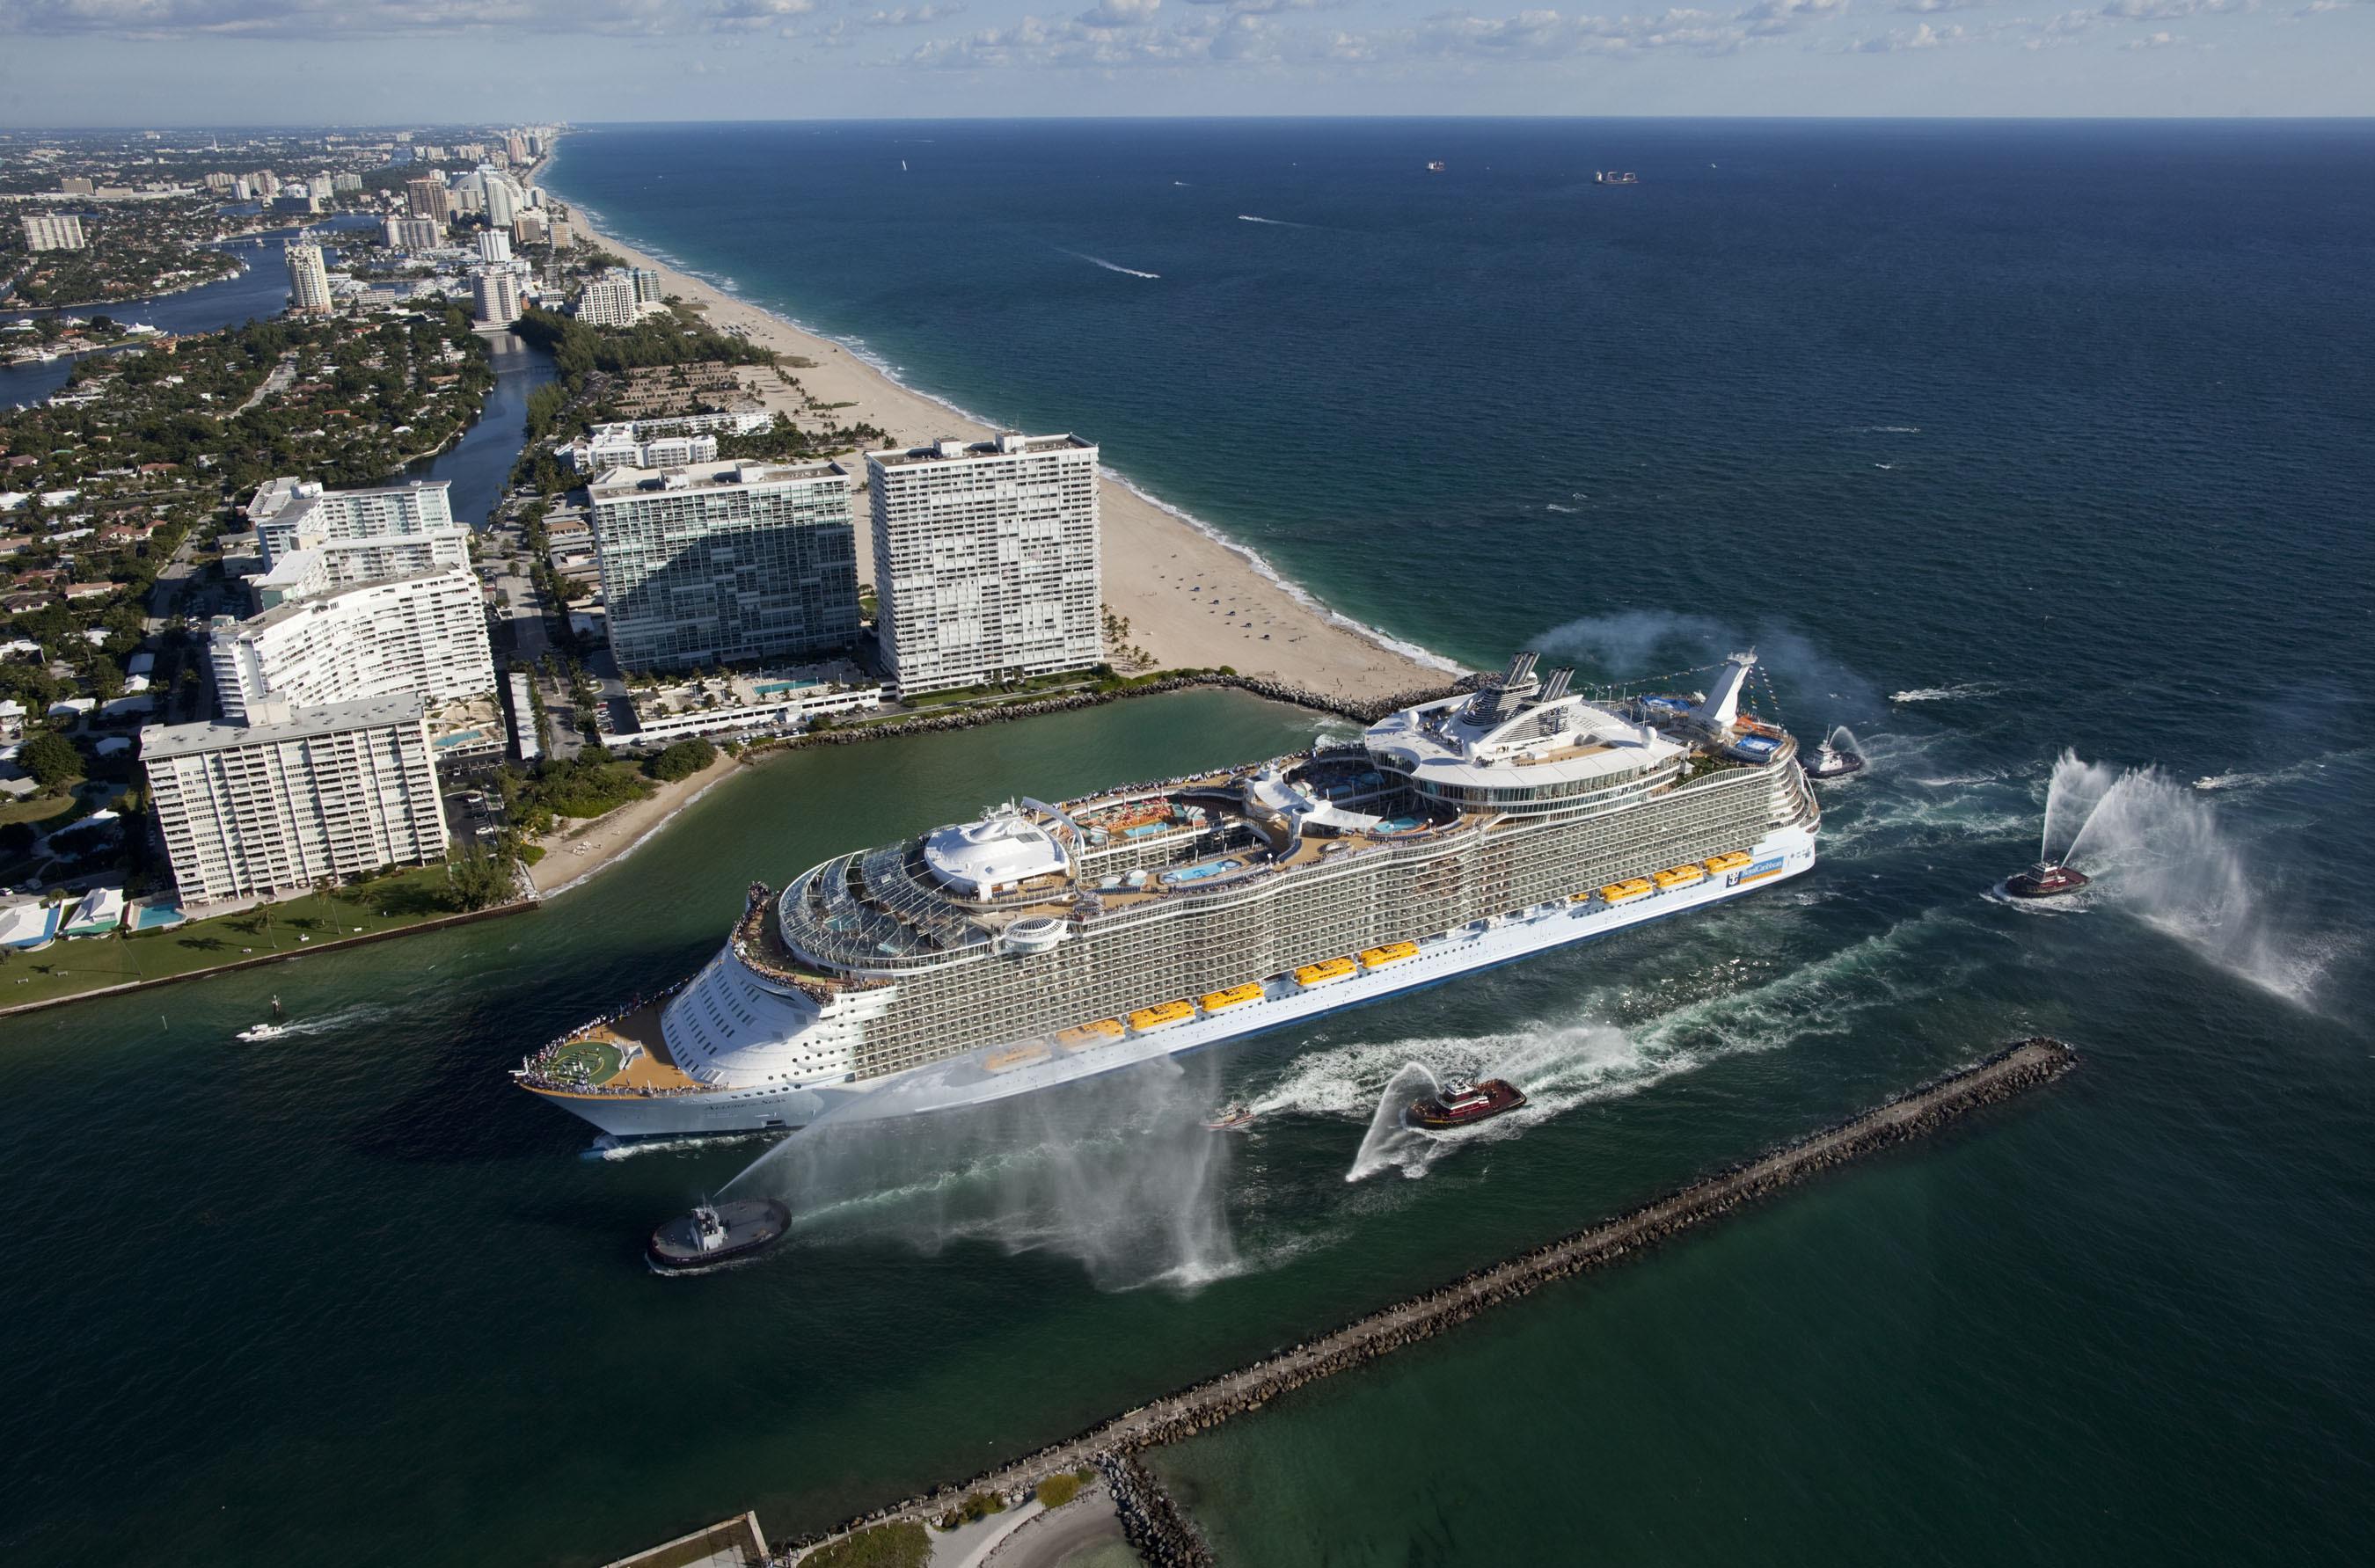 Самый большой круизный лайнер в мире